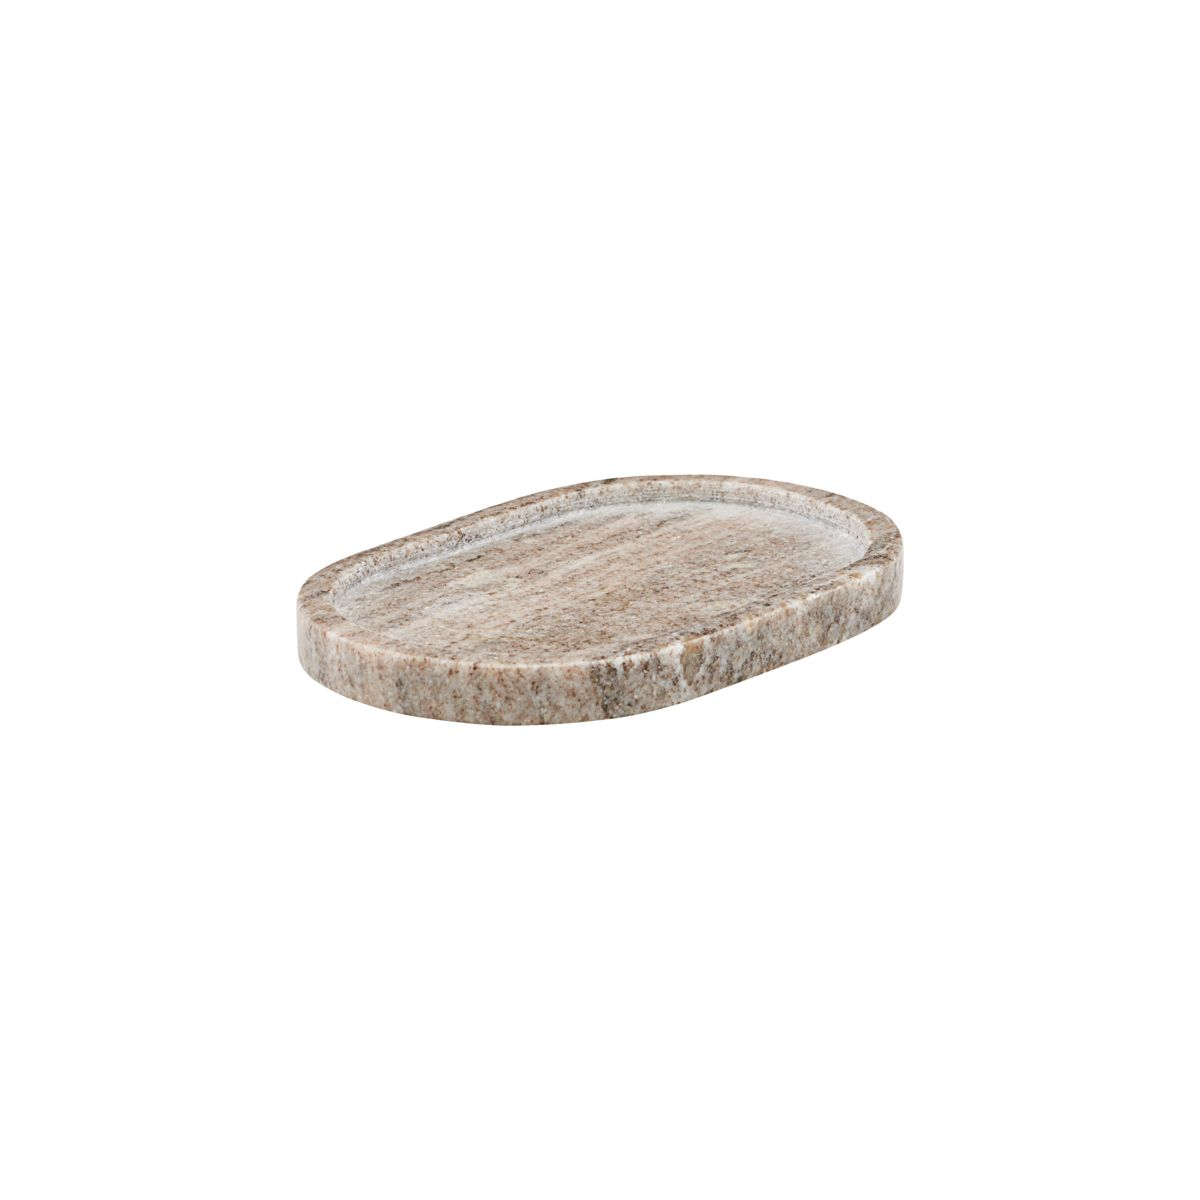 Meraki - Bakke - Marmor - Oval